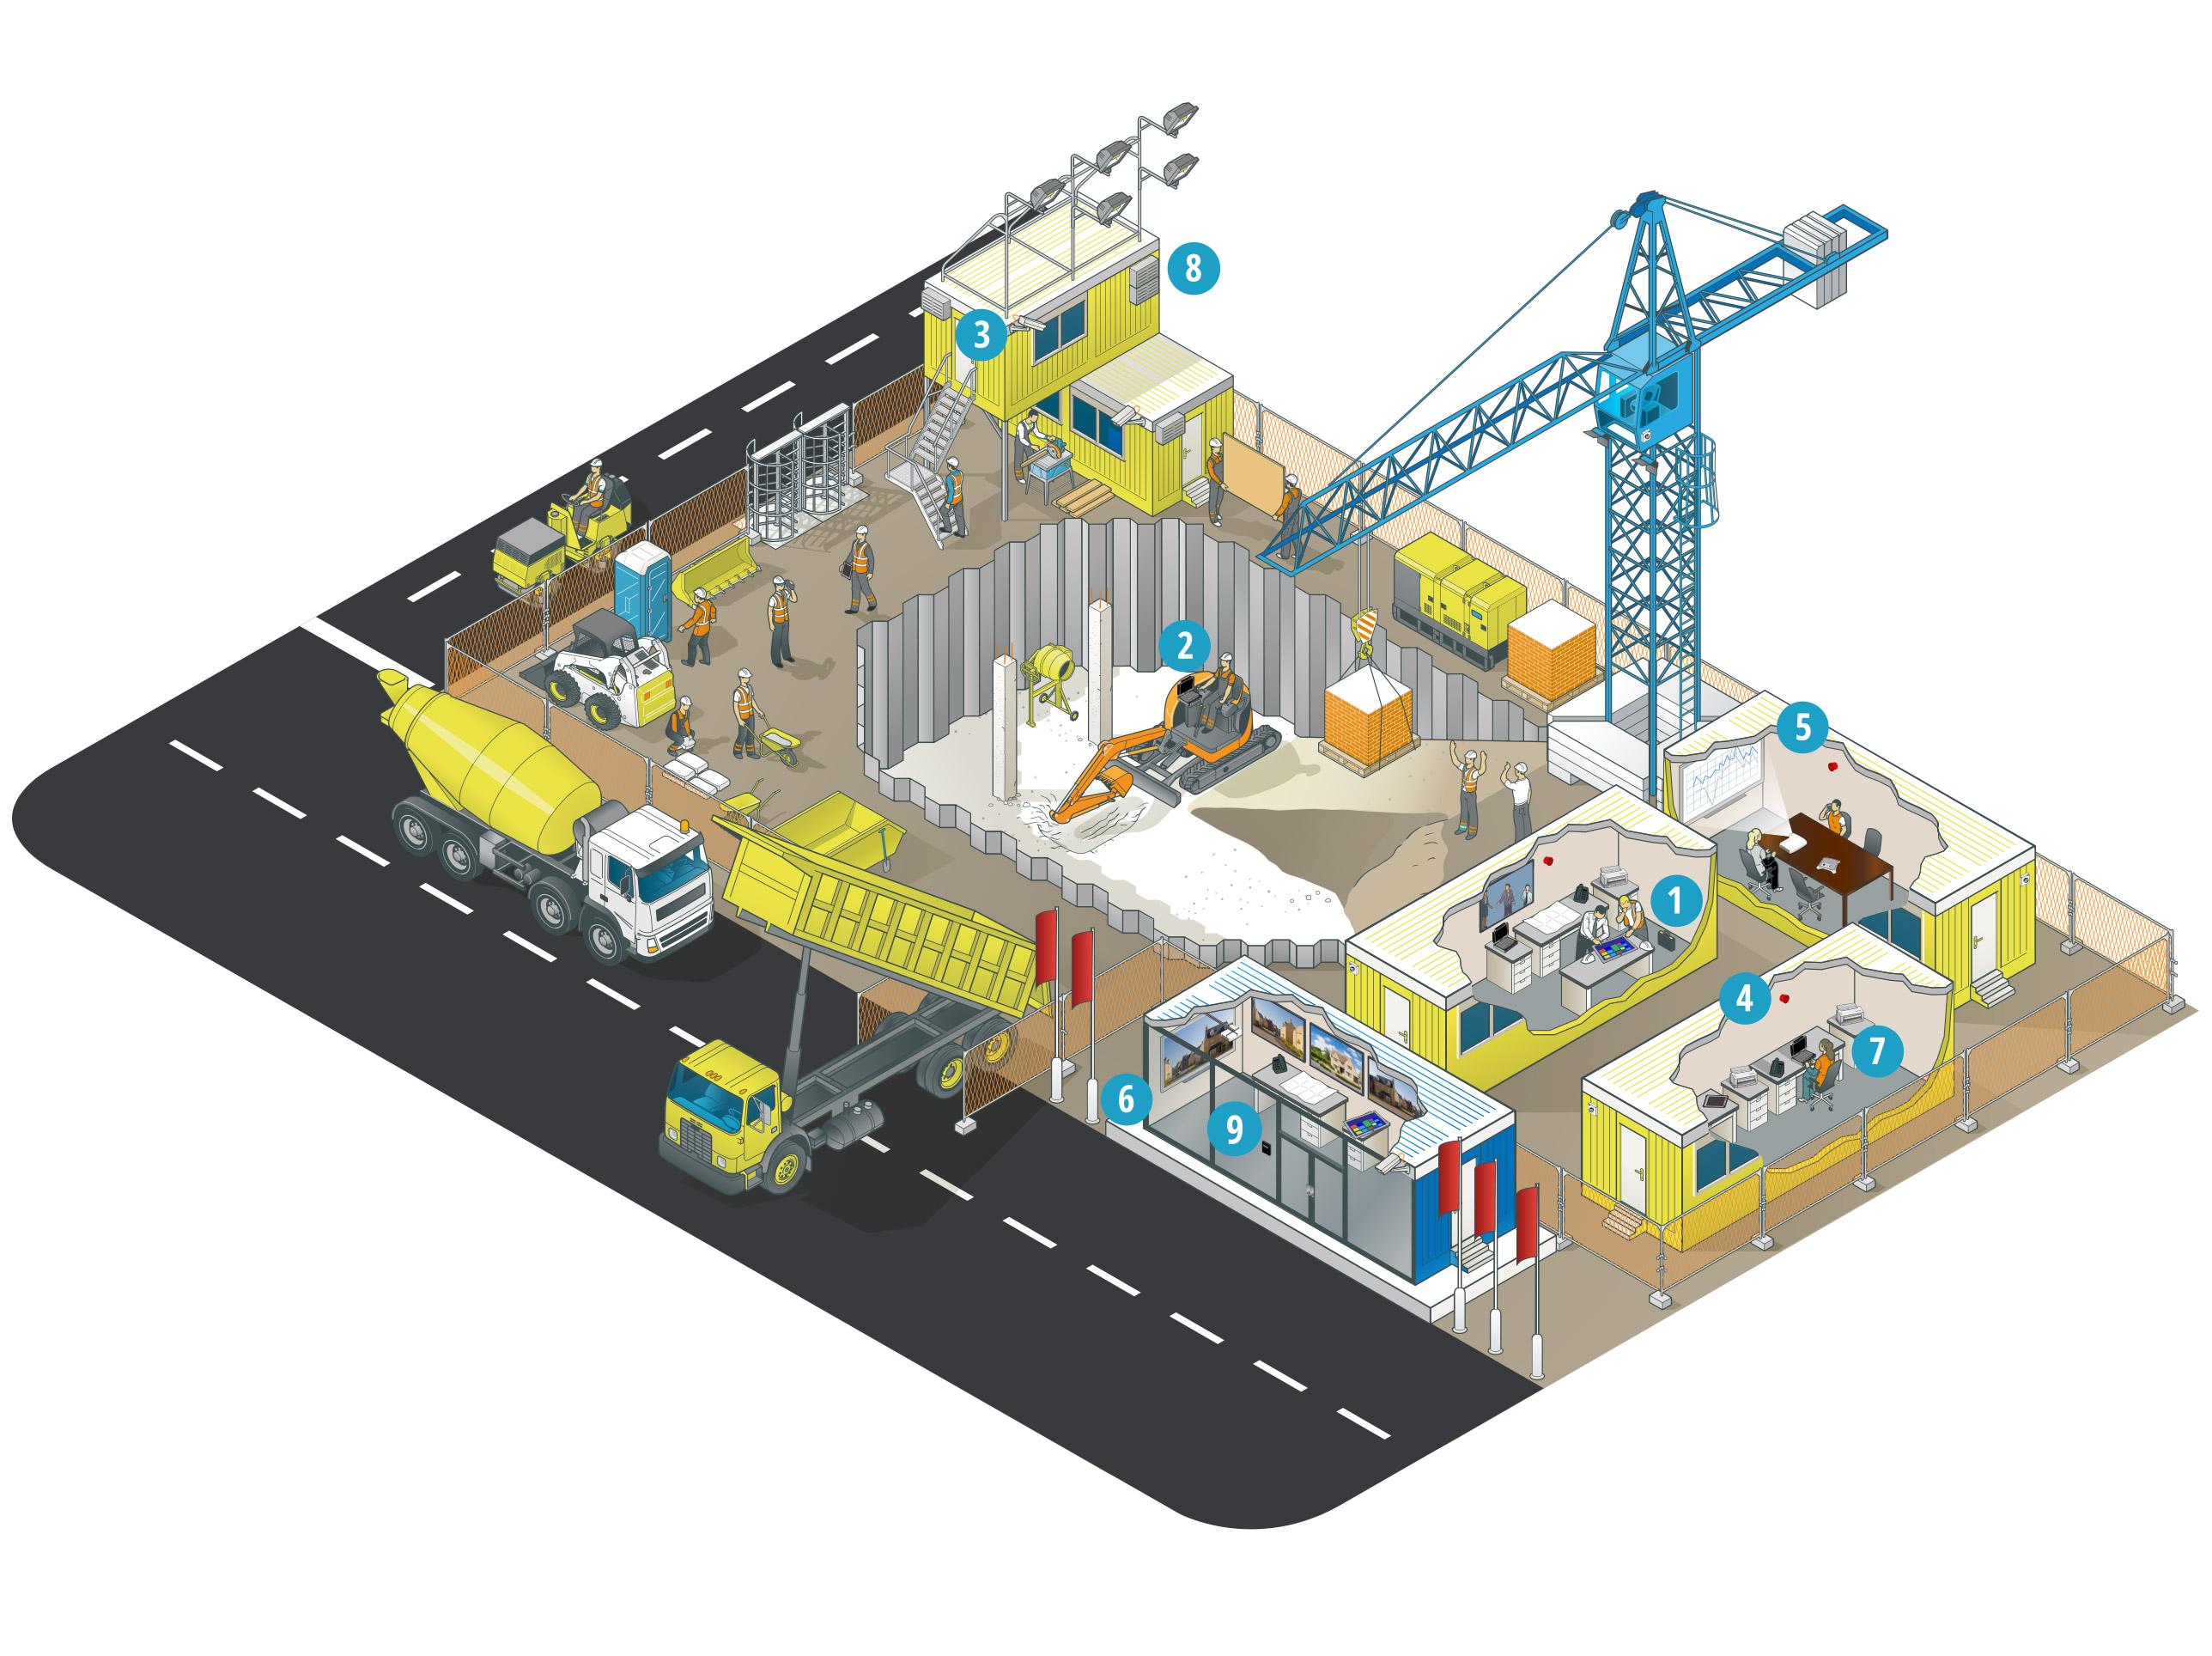 Comment les solutions de Panasonic aident-elles les secteurs du bâtiment et de l'ingénierie?